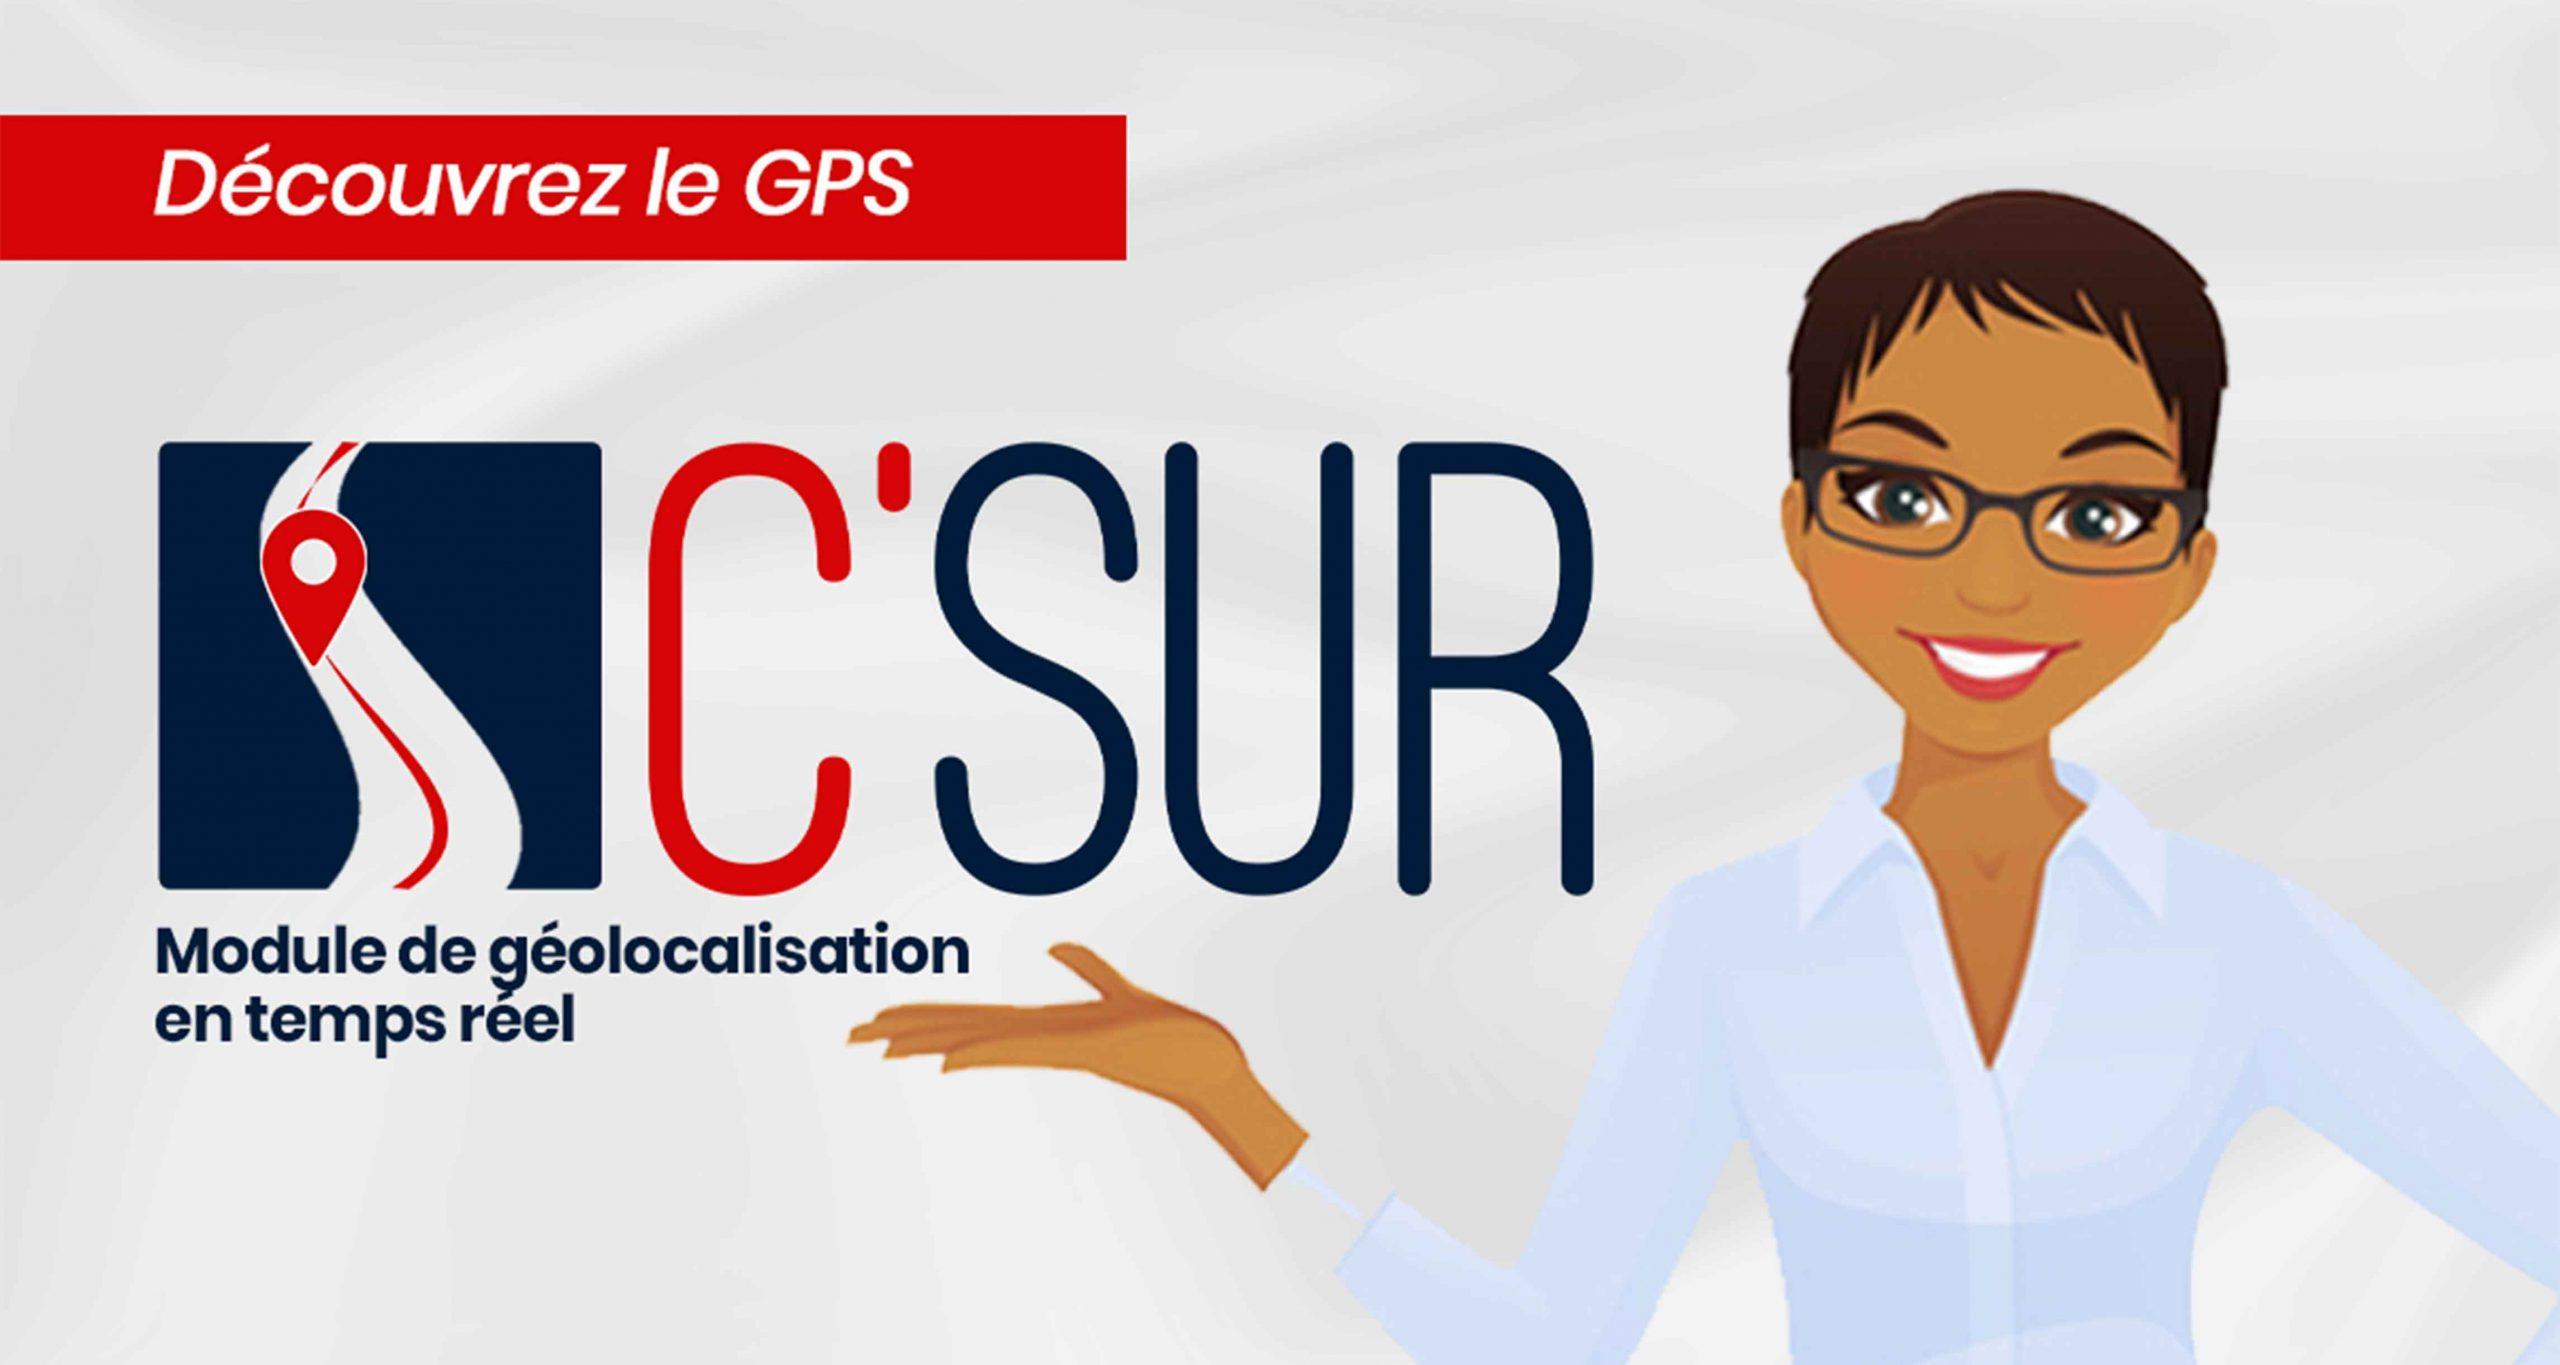 Le module GPS C'sur